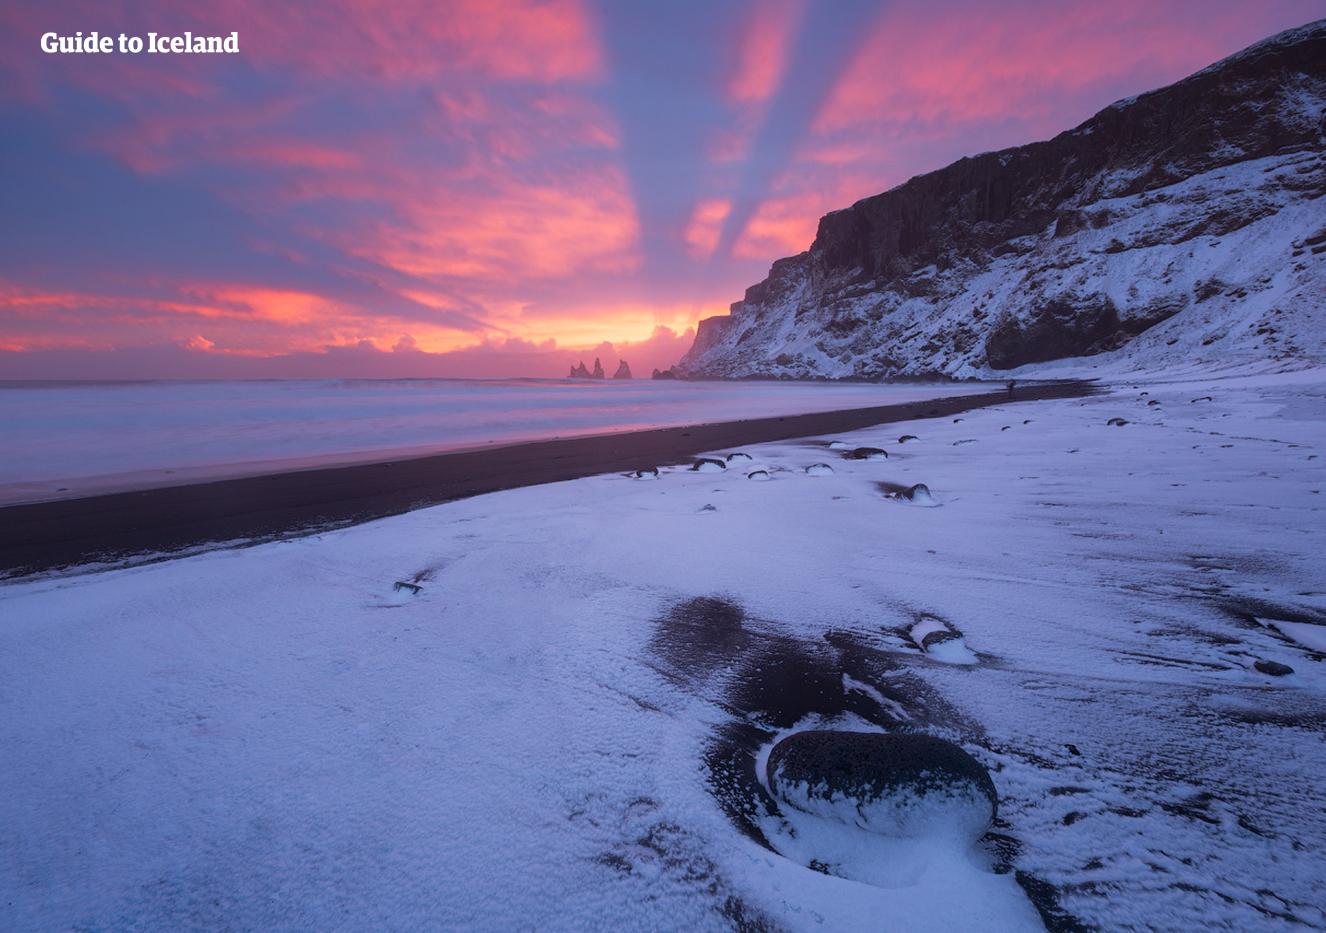 Południowe wybrzeże w trakcie zimy to obowiązkowe miejsce jeżeli przylatujesz na Islandię na kilka dni.